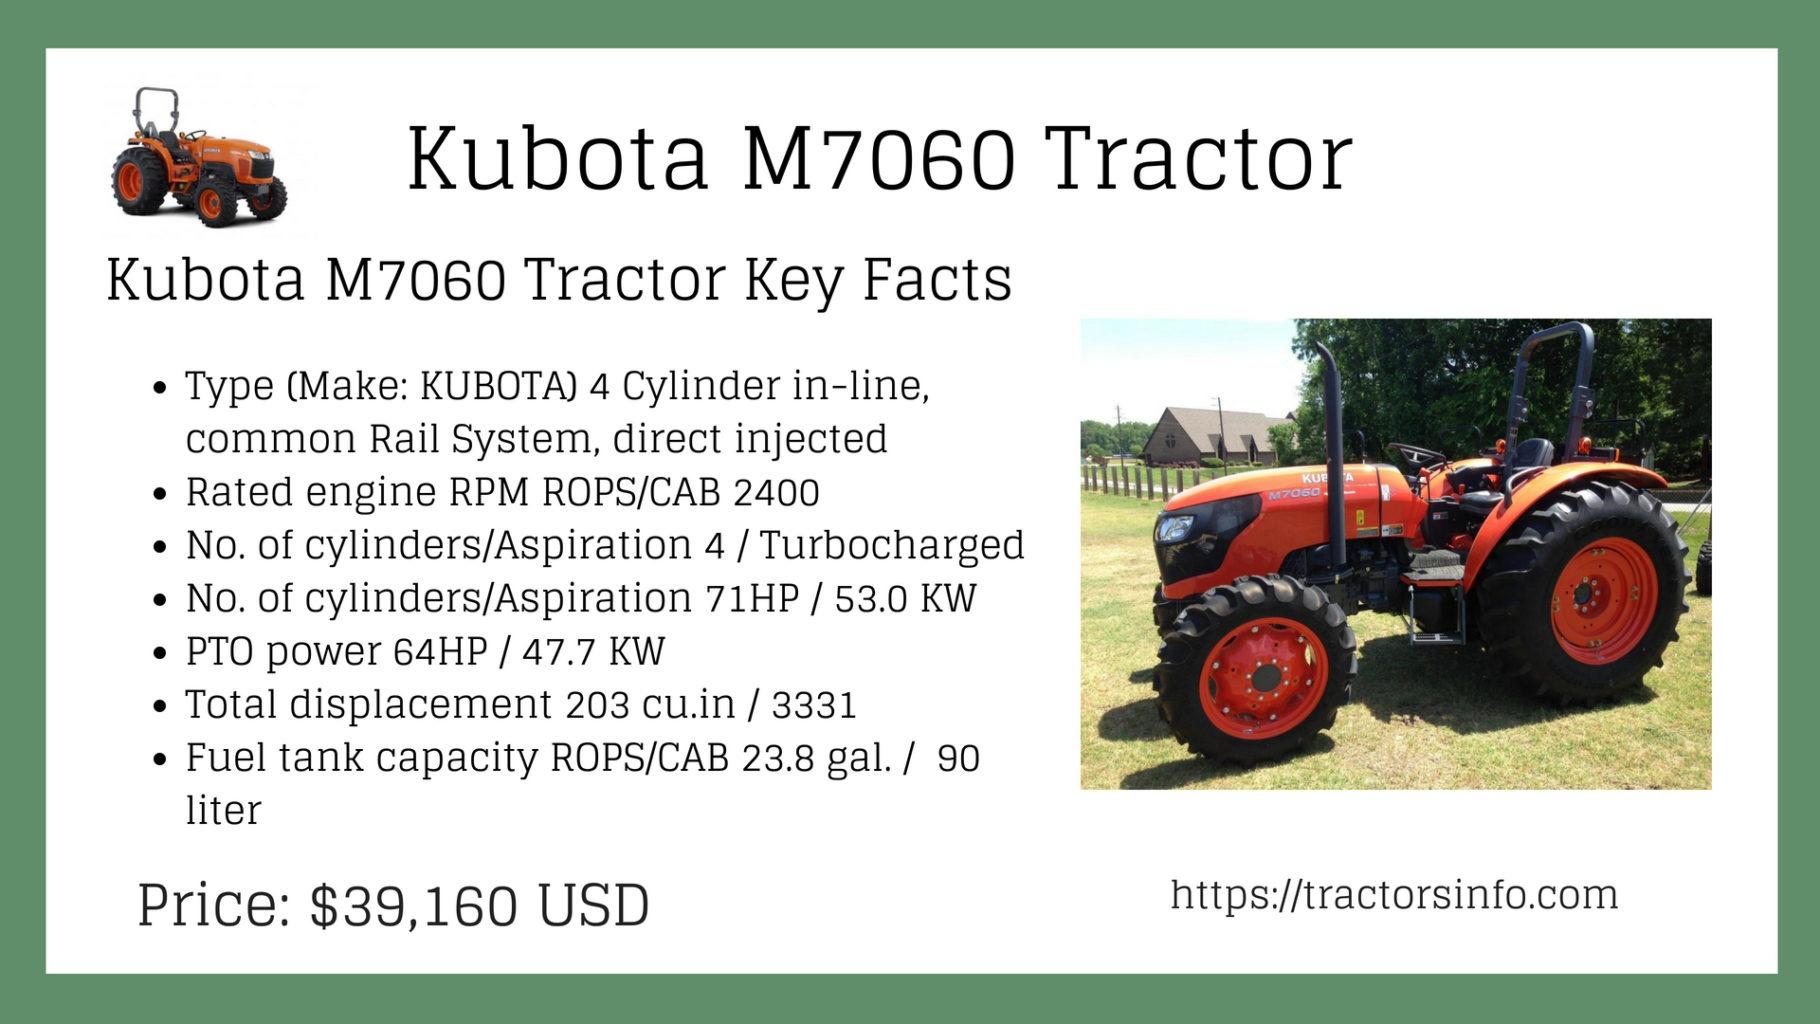 Kubota M7060 tractor